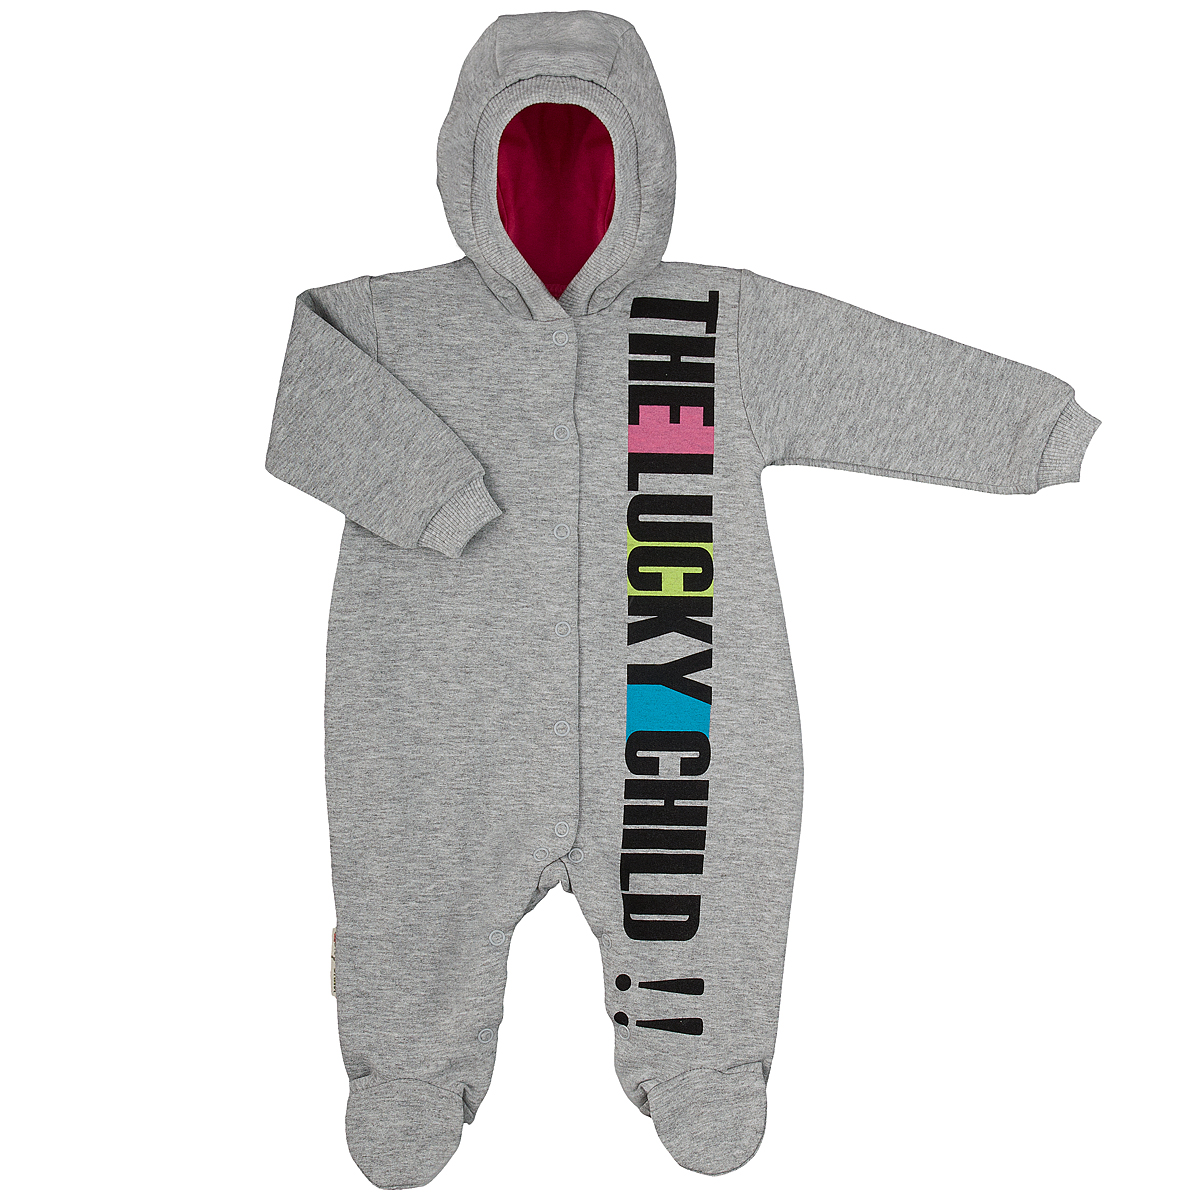 Комбинезон детский Lucky Child, цвет: серый, розовый. 1-3. Размер 50/561-3Детский комбинезон с капюшоном Lucky Child - очень удобный и практичный вид одежды для малышей. Комбинезон выполнен из натурального хлопка, благодаря чему он необычайно мягкий и приятный на ощупь, не раздражают нежную кожу ребенка и хорошо вентилируются, а эластичные швы приятны телу малыша и не препятствуют его движениям. Комбинезон с длинными рукавами и закрытыми ножками имеет застежки-кнопки по центру от горловины до щиколоток, которые помогают легко переодеть младенца или сменить подгузник. Спереди он оформлен оригинальным принтом в виде надписи The Lucky Child!!. Рукава понизу дополнены широкими трикотажными манжетами, не перетягивающими запястья. С детским комбинезоном Lucky Child спинка и ножки вашего малыша всегда будут в тепле, он идеален для использования днем и незаменим ночью. Комбинезон полностью соответствует особенностям жизни младенца в ранний период, не стесняя и не ограничивая его в движениях!